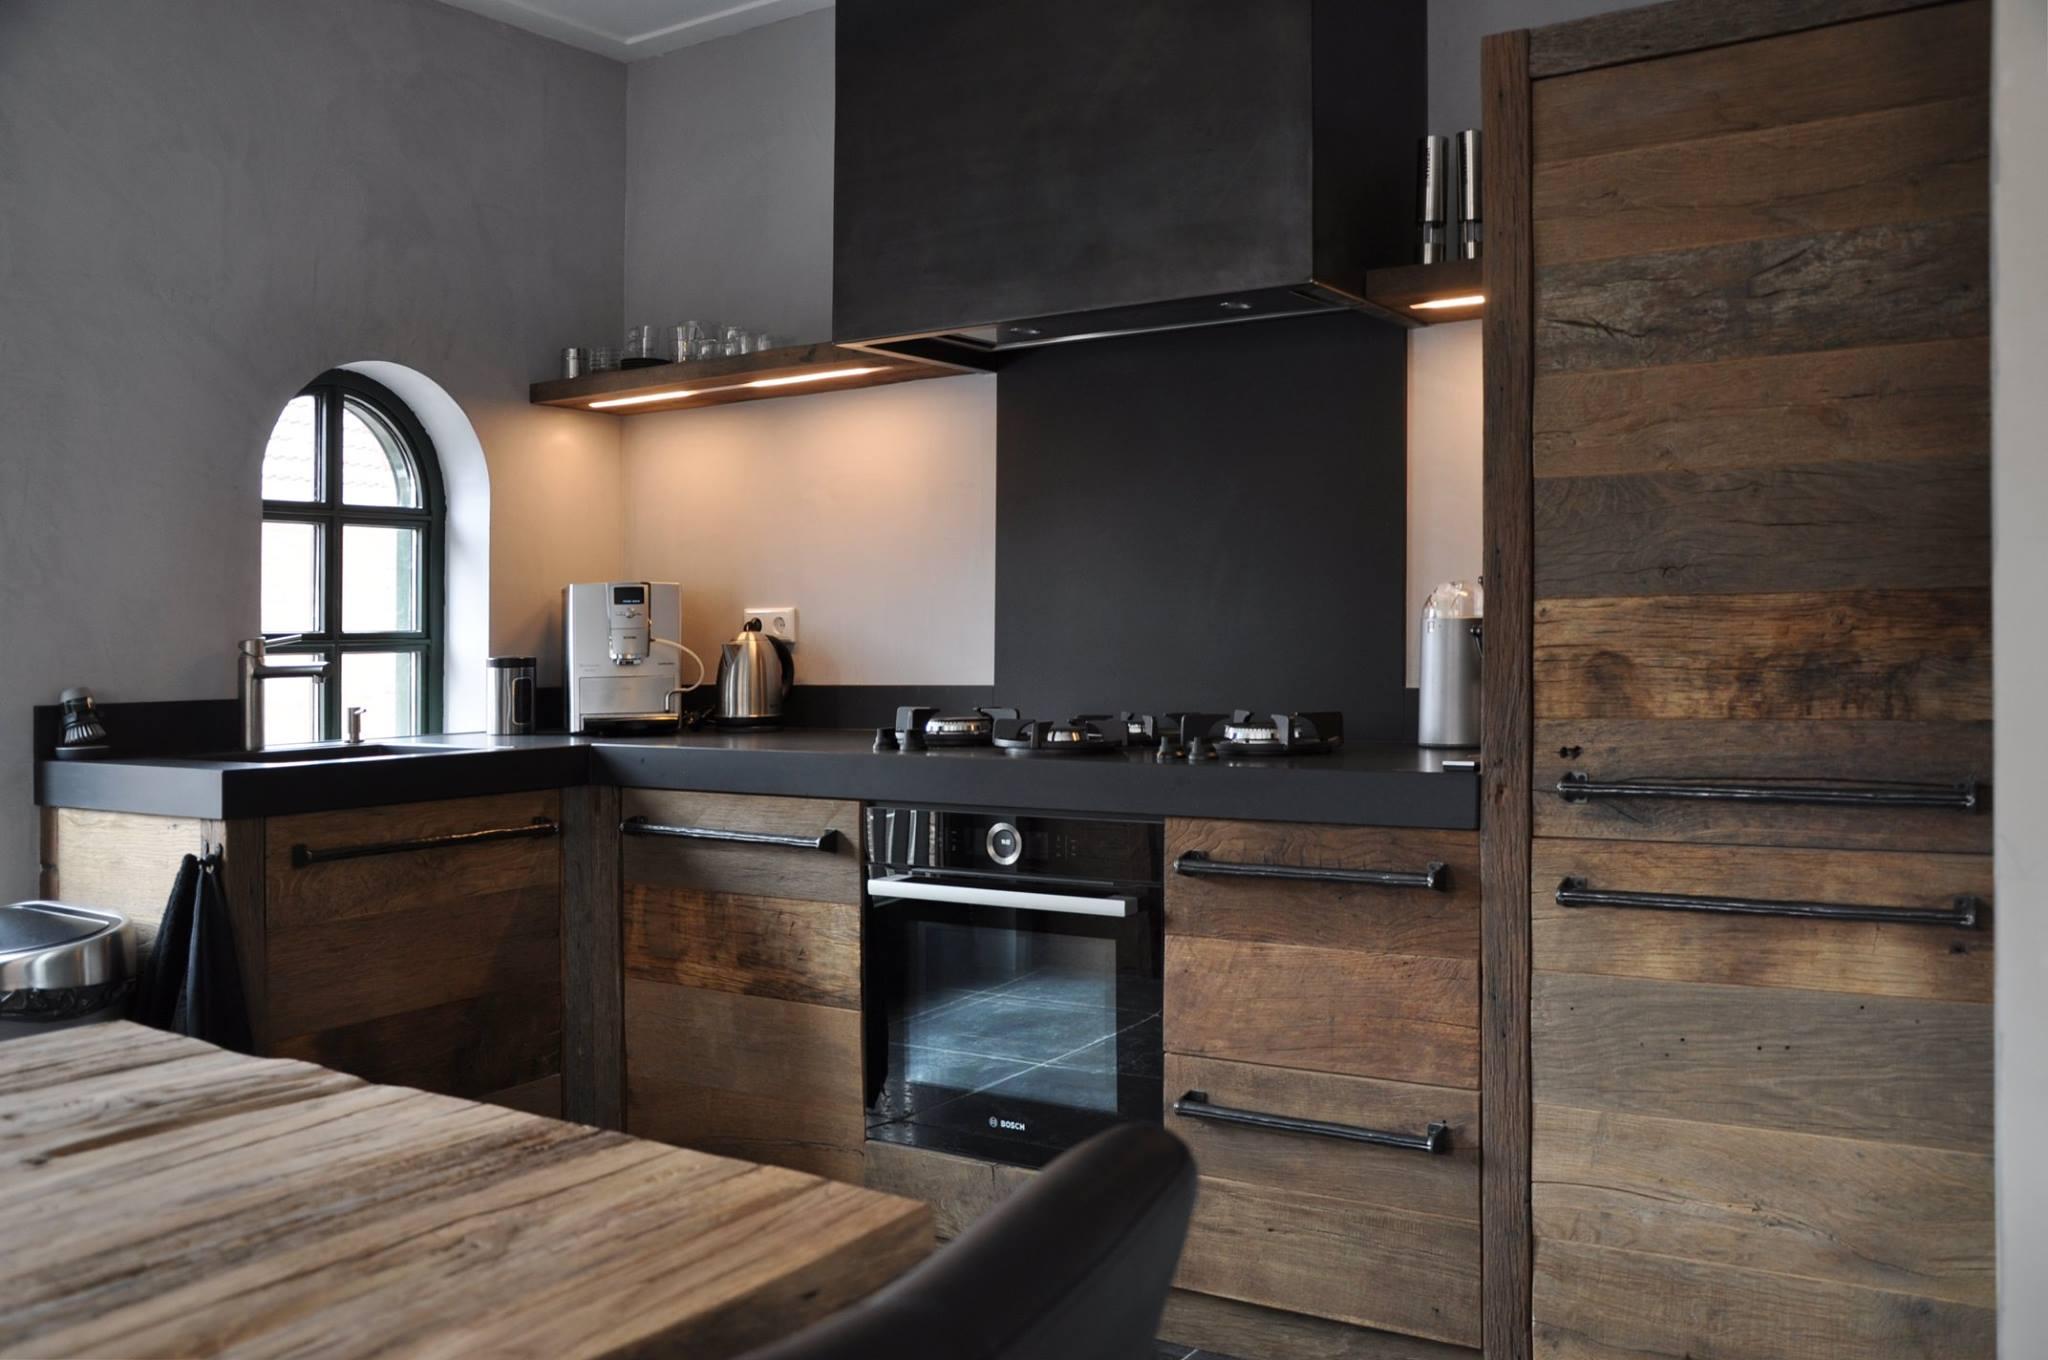 Landelijke keukens een sfeervolle keuken met landelijke stijl nieuws startpagina voor keuken - Oude stijl keuken wastafel ...